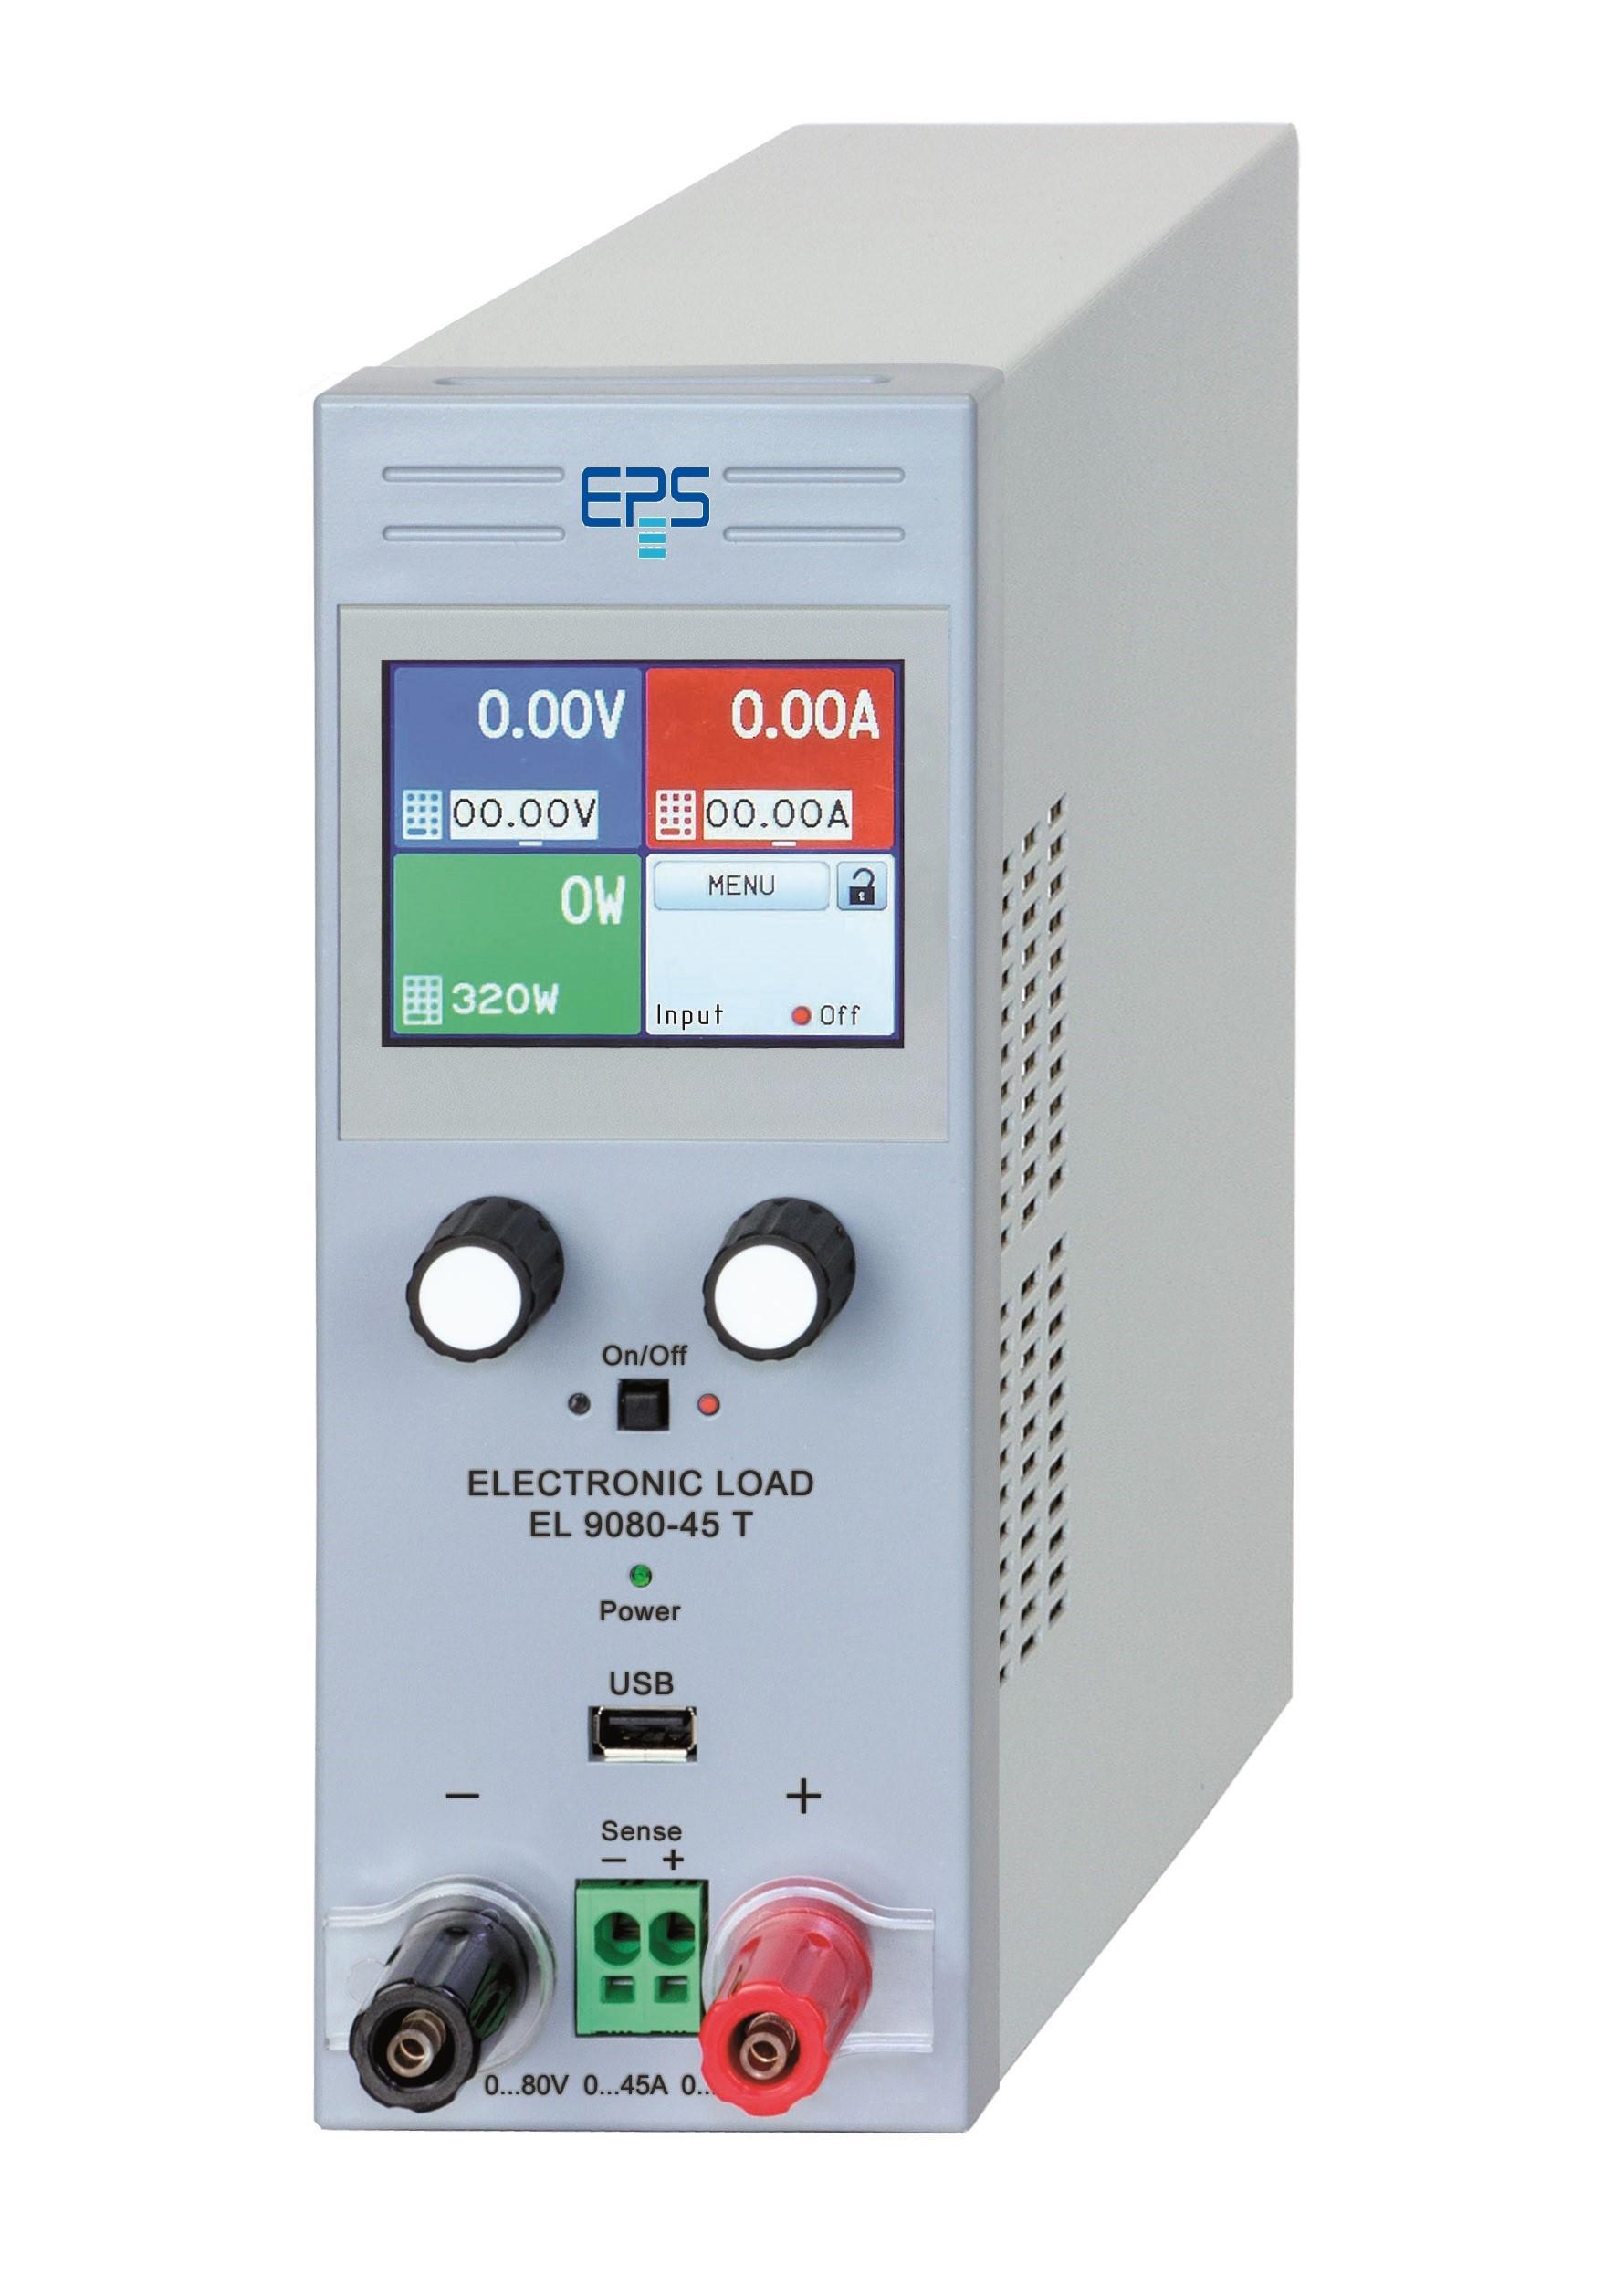 EPS/EL 9080-45 DT Elektronische Last